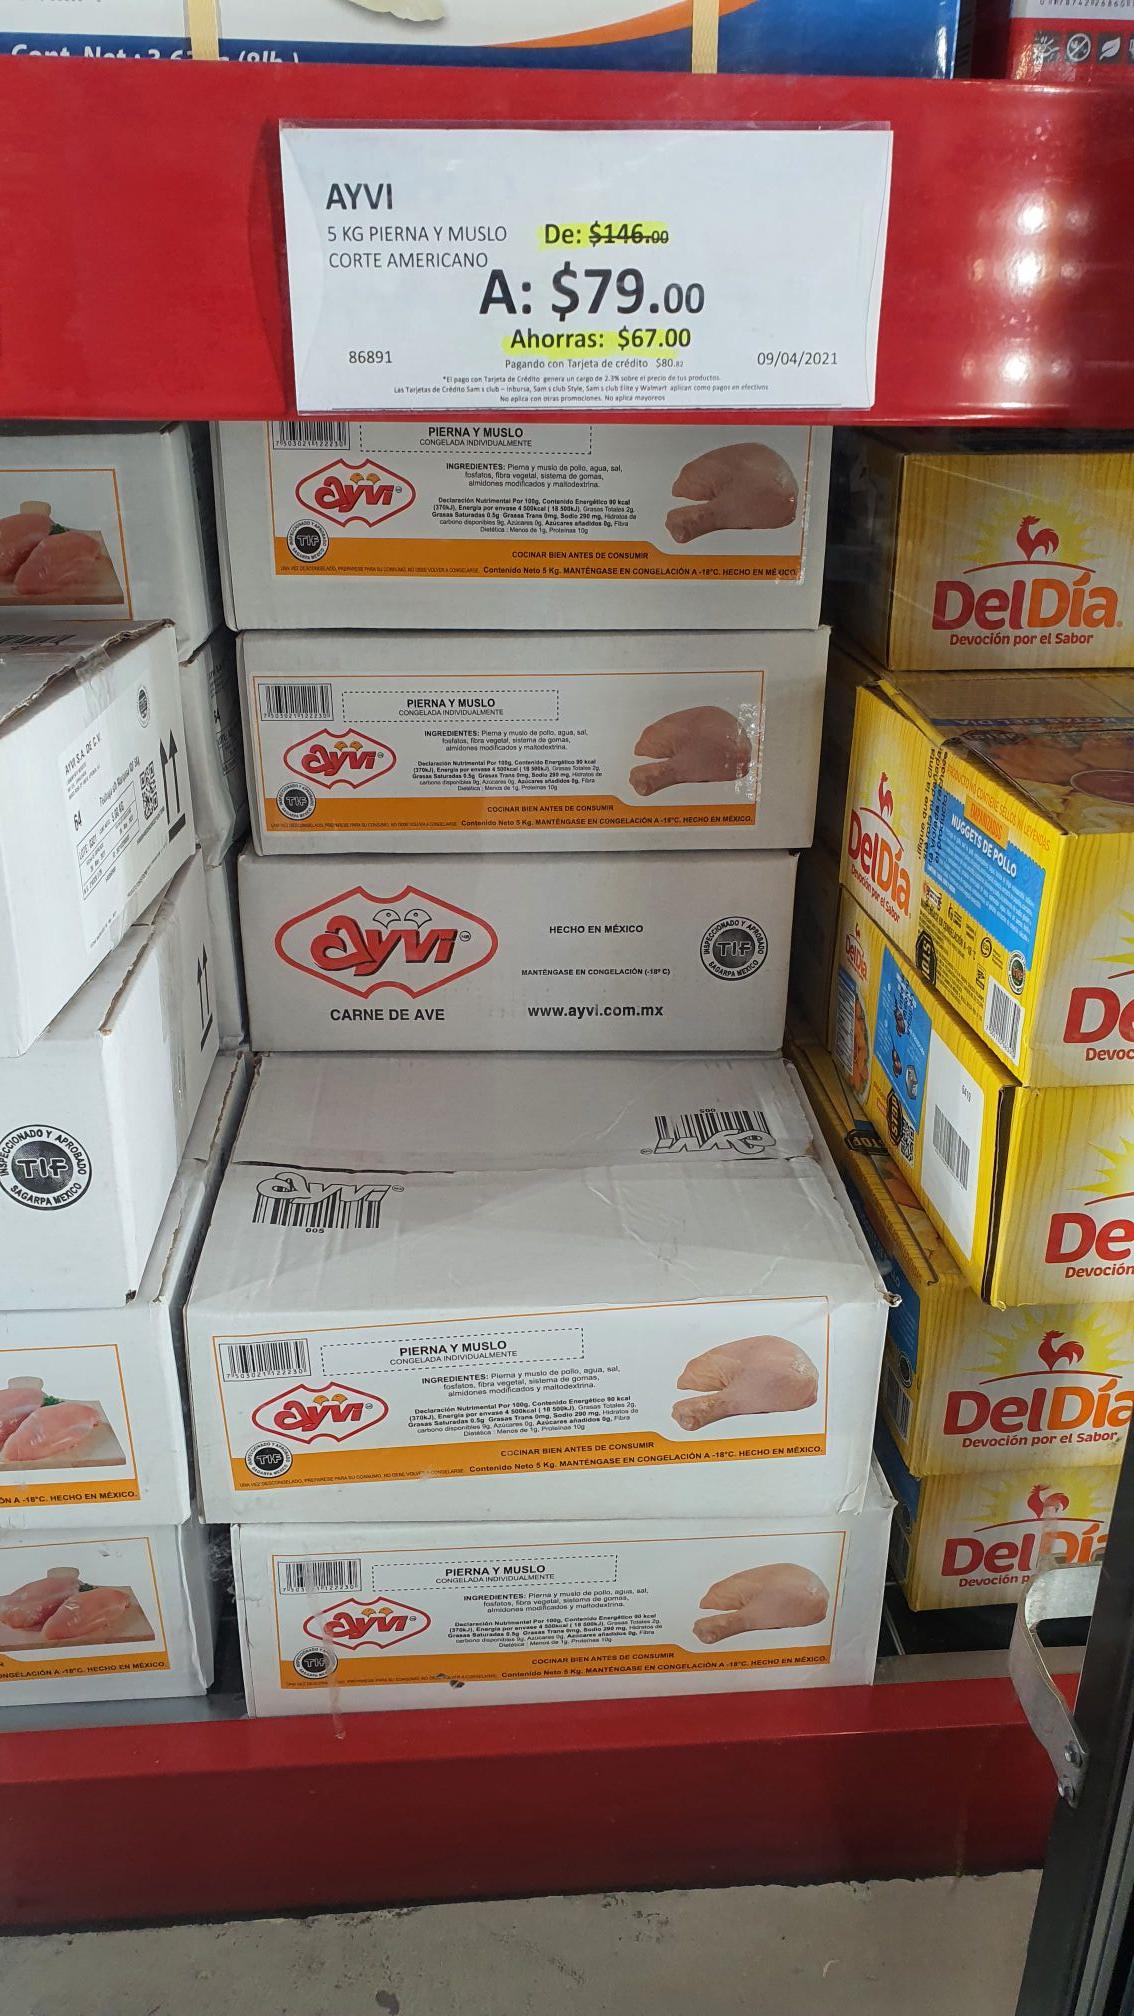 Sams club 5 kg de pierna y muslo congelado $79 y pollo popcorn $99 SUCURSAL TULANCINGO HIDALGO